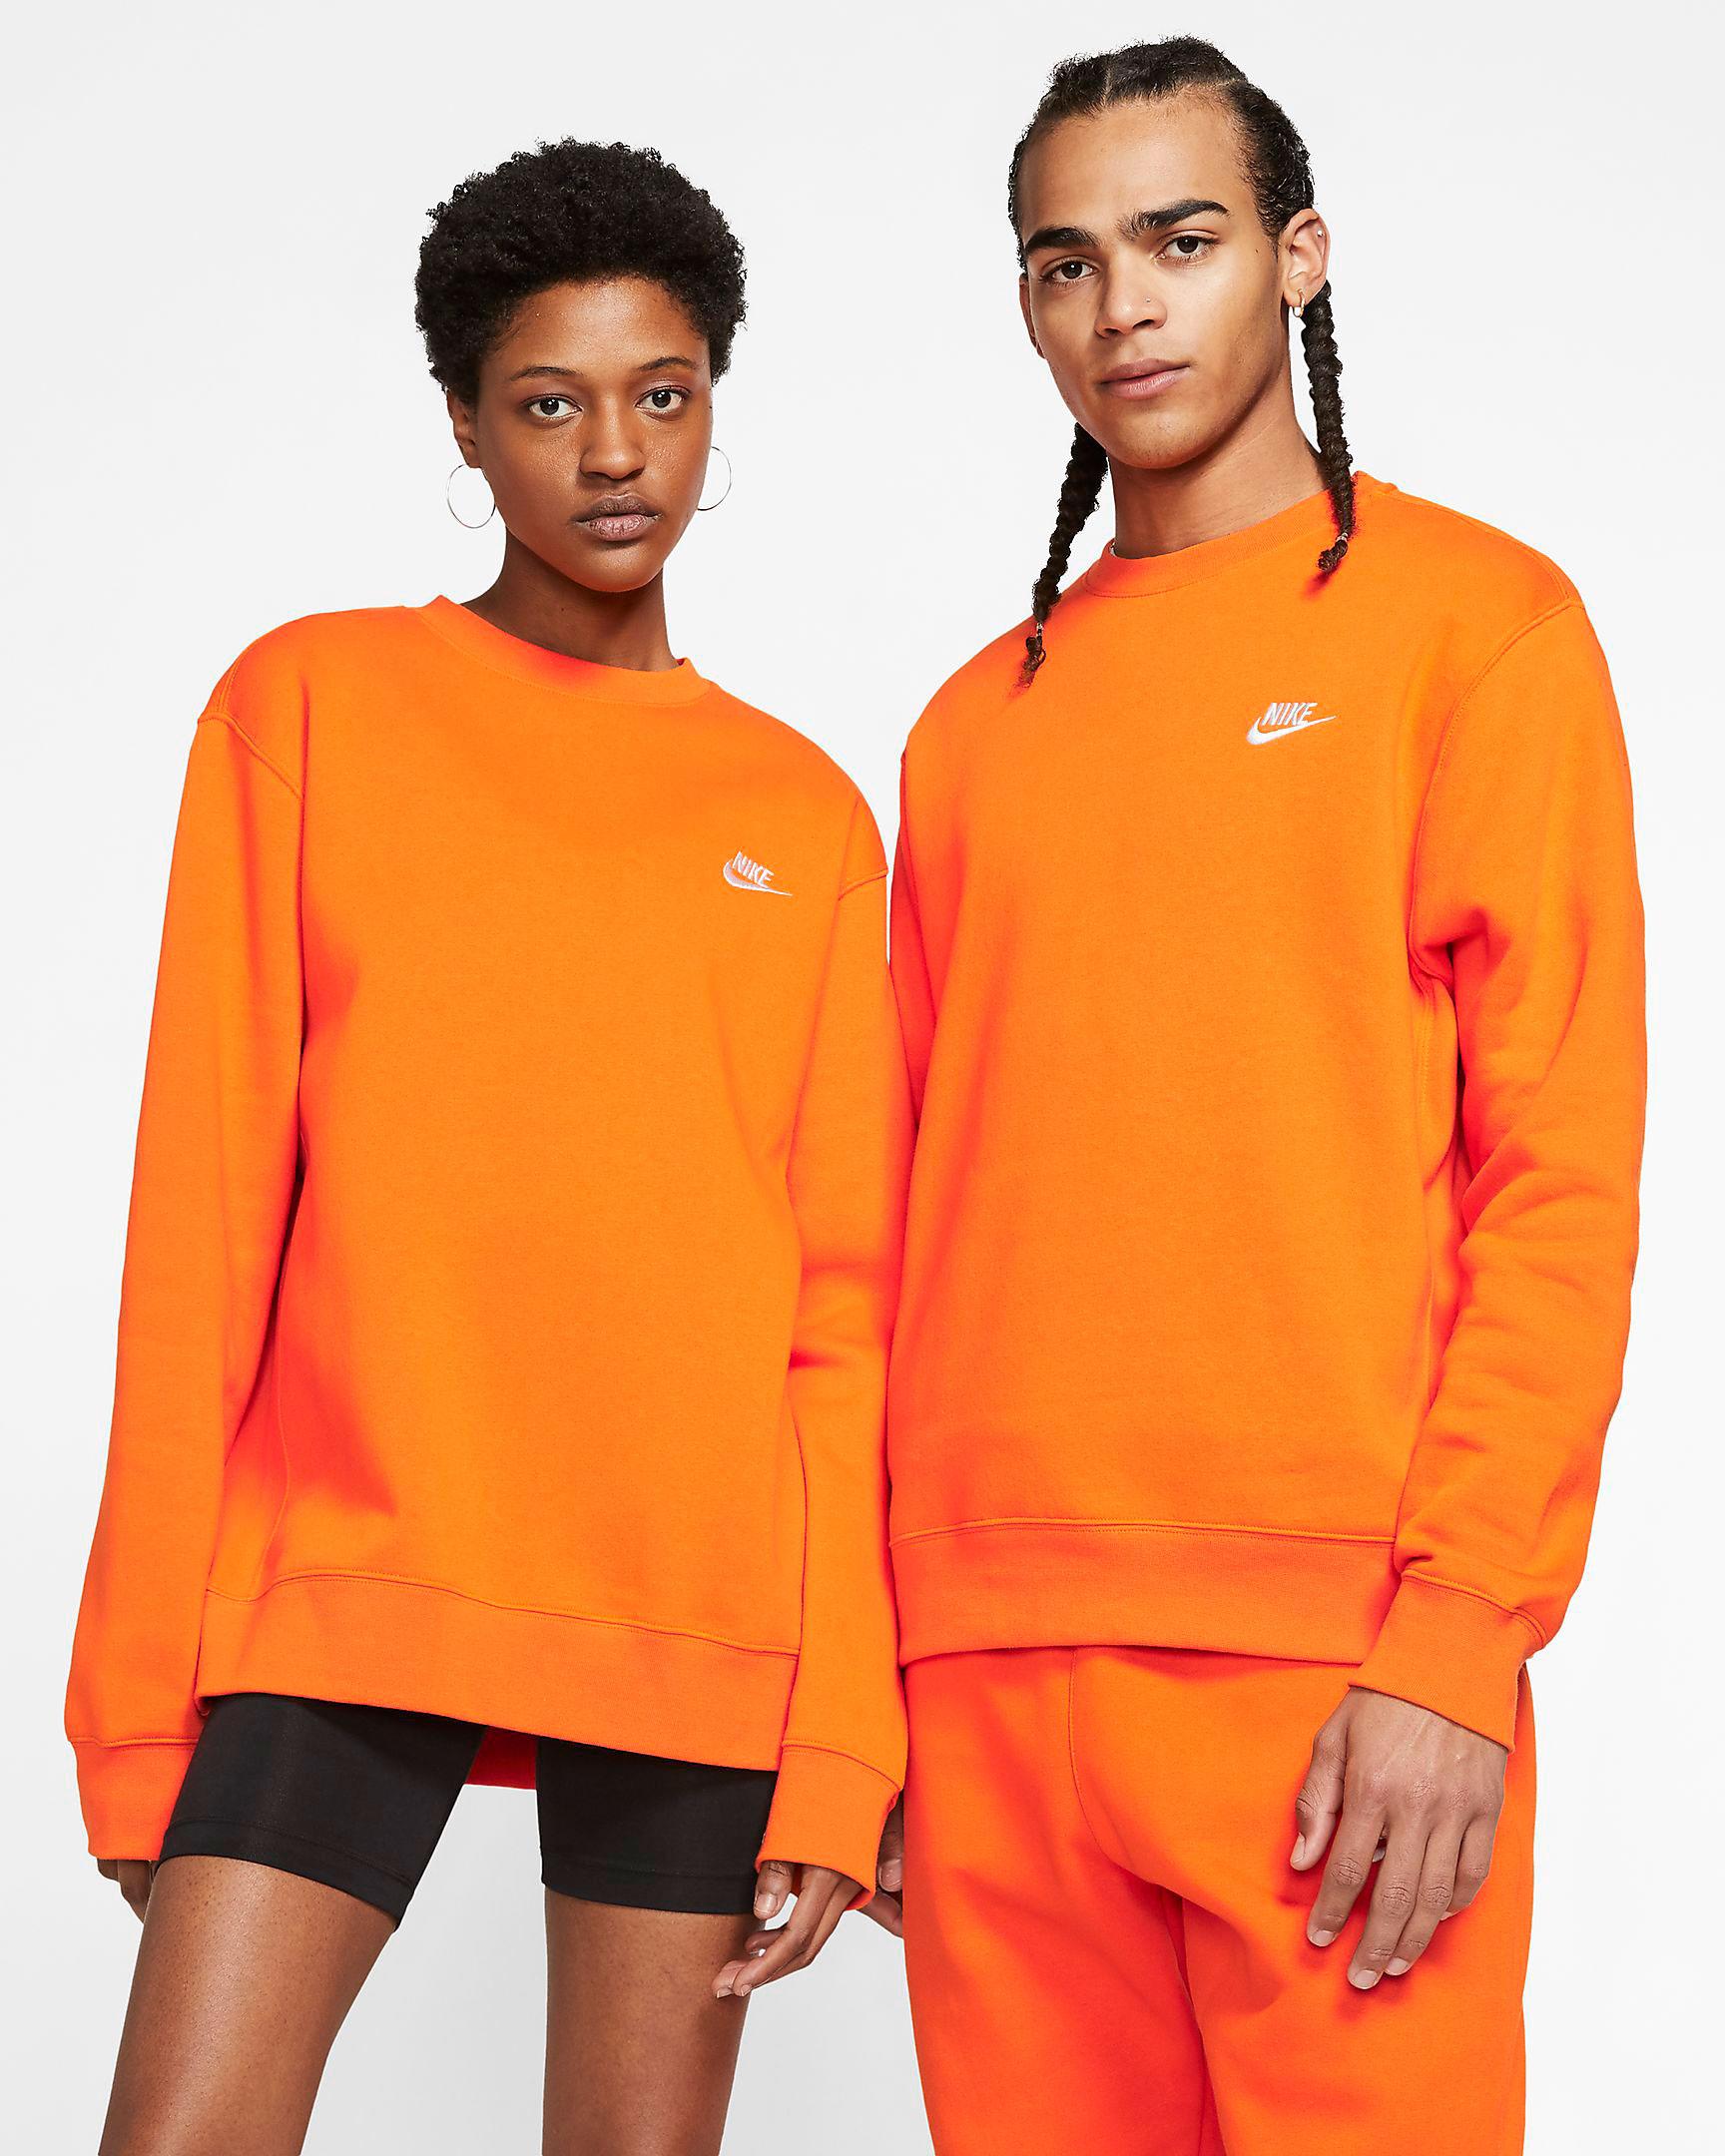 nike-sportswear-orange-crew-sweatshirt